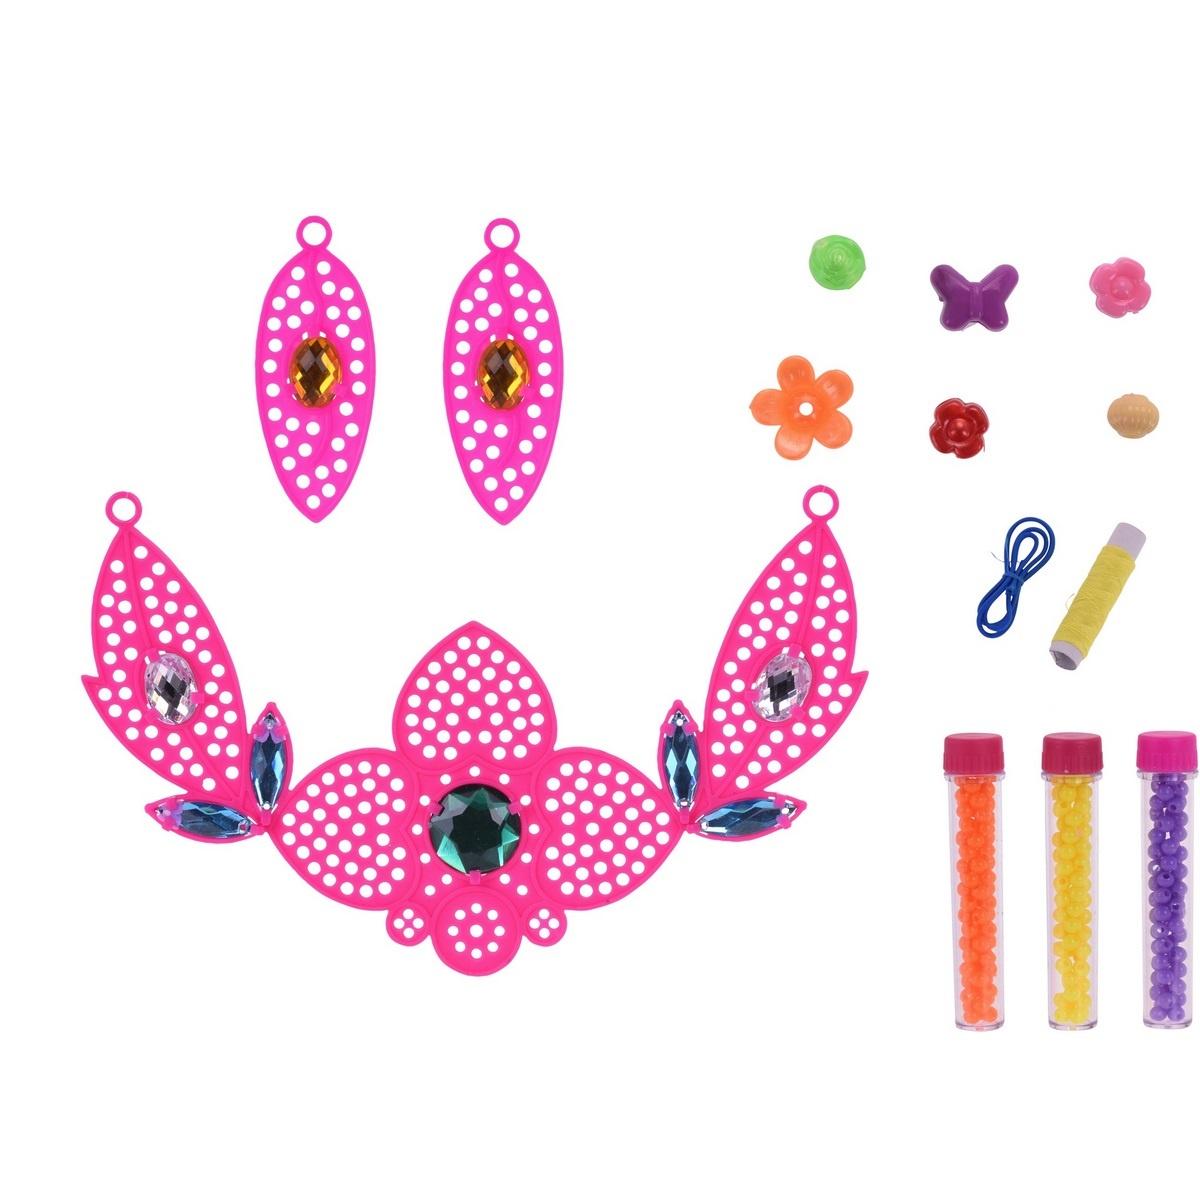 Koopman Detská sada na výrobu šperkov Náhrdelník, ružová